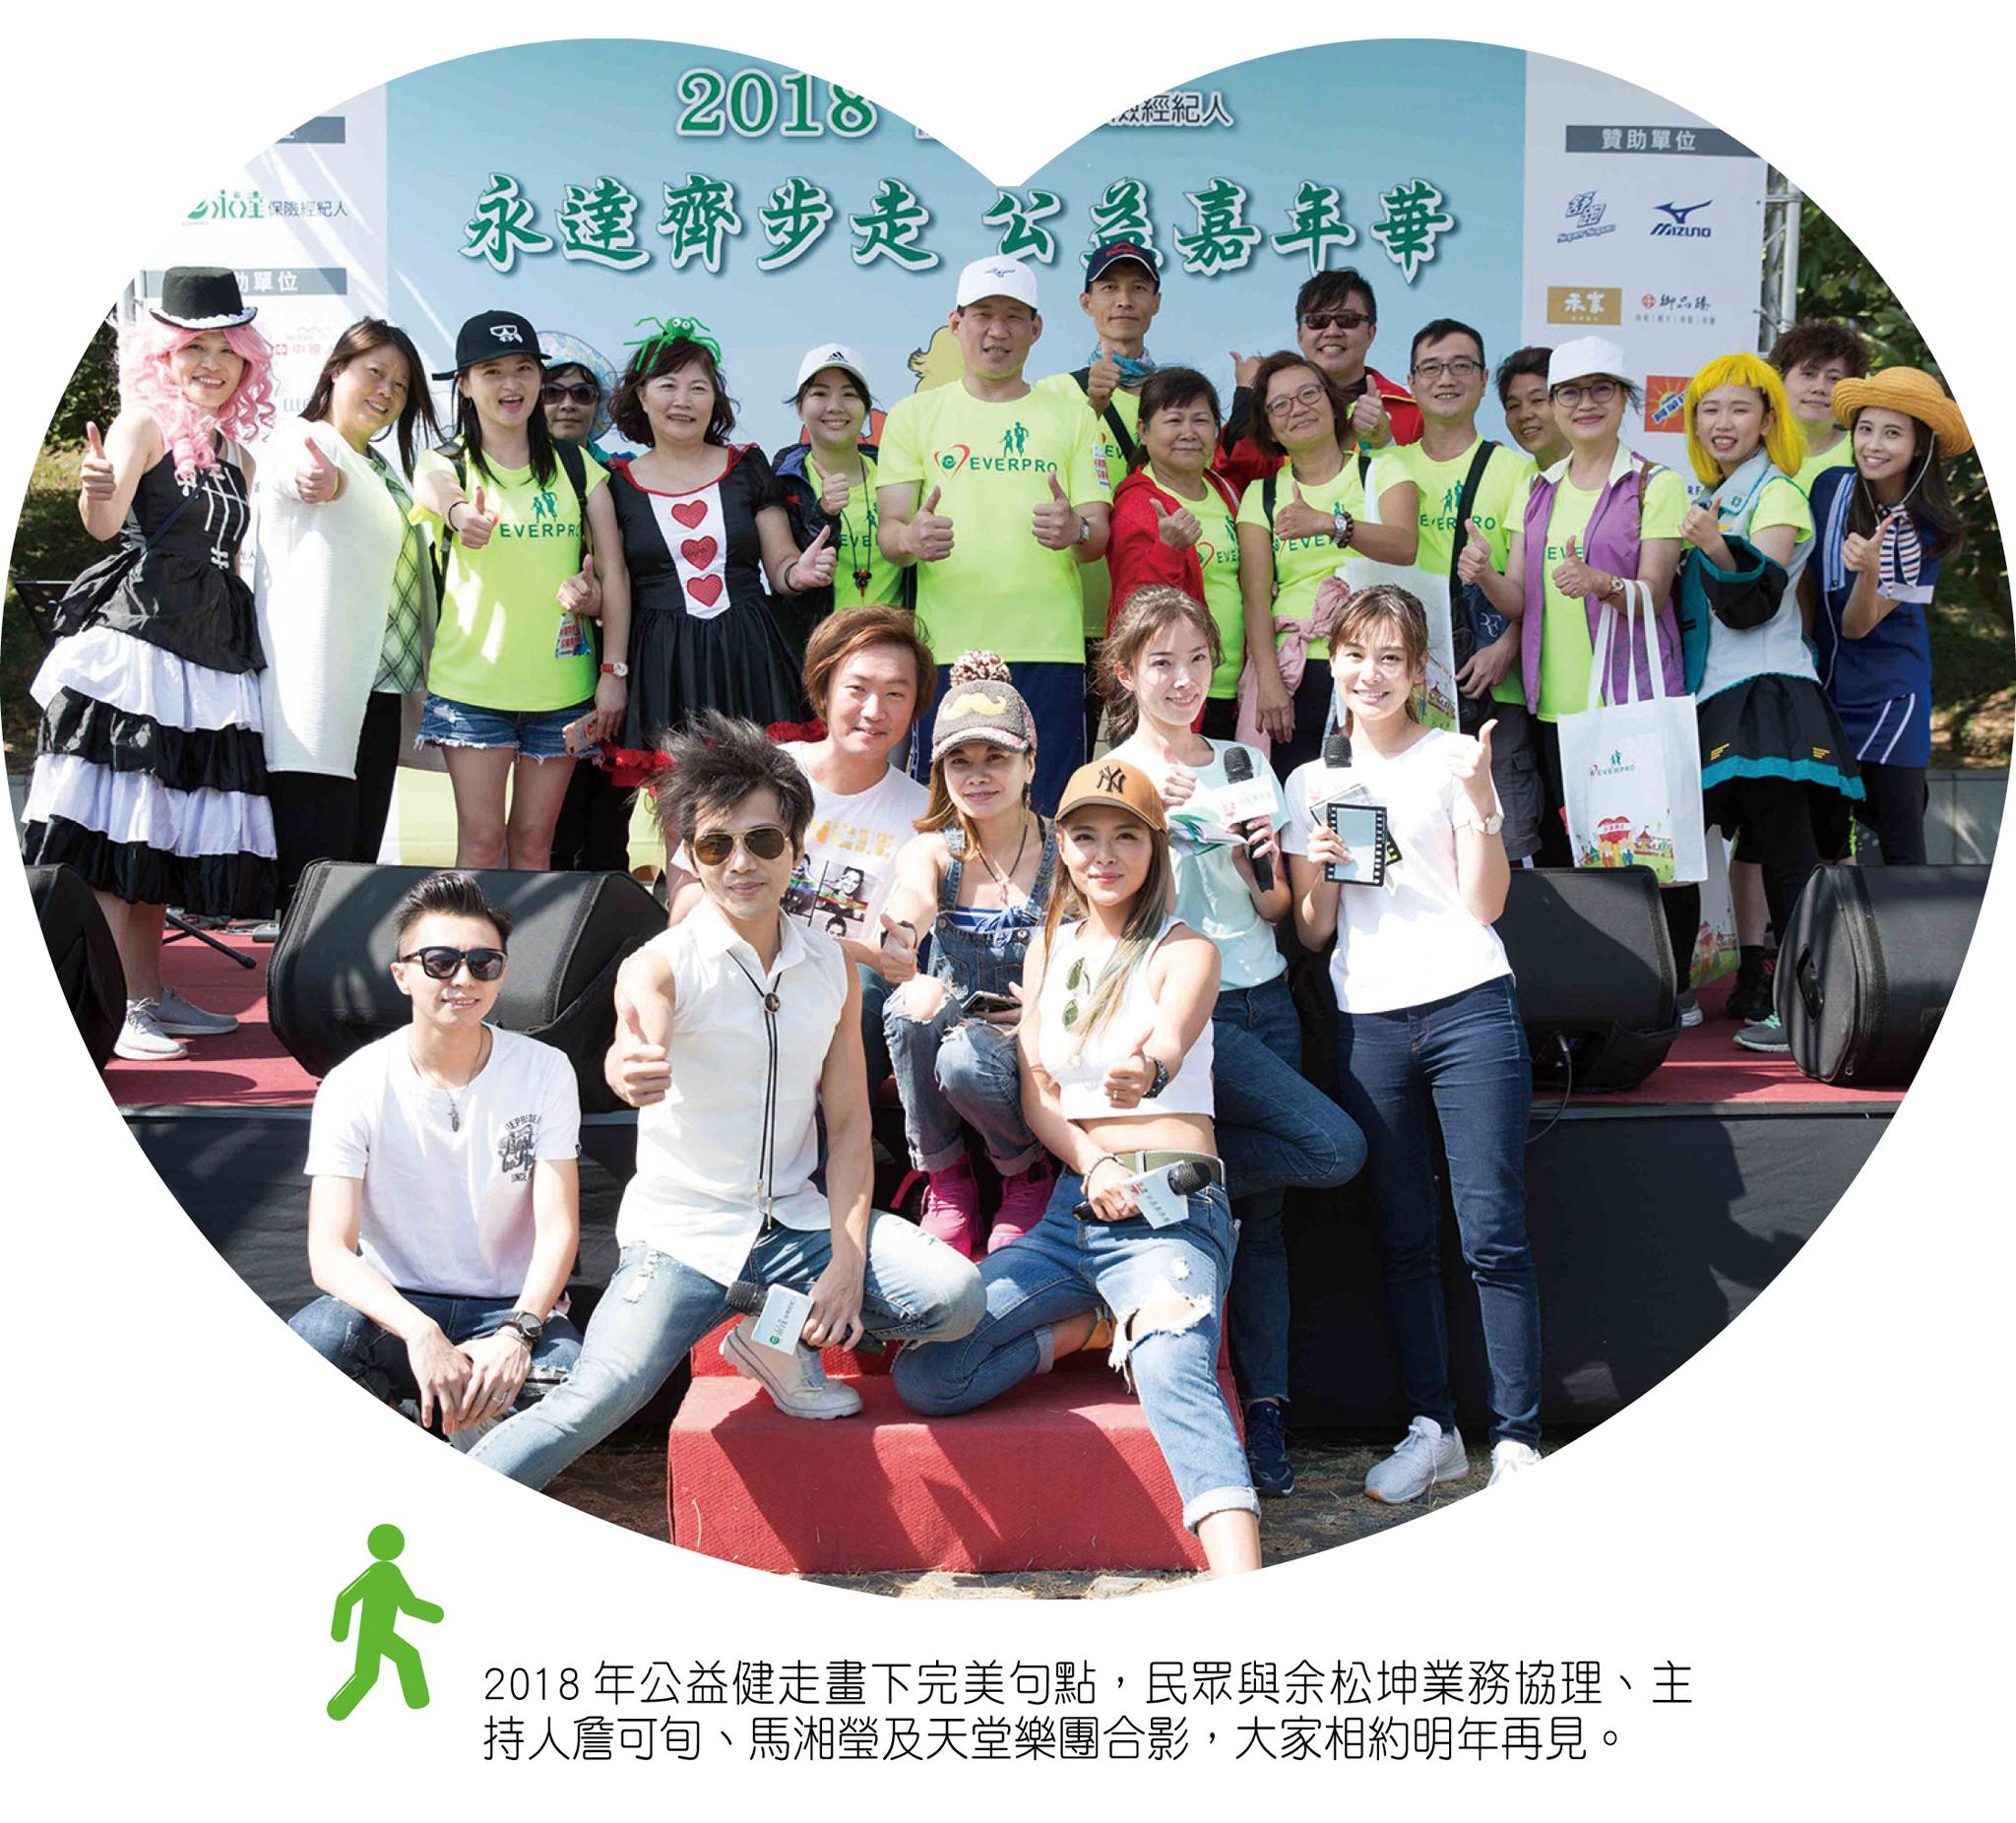 2018年公益健走畫下完美句點,民眾與余松坤業務協理、主持人詹可旬、馬湘瑩及天堂樂團合影,大家相約明年再見。